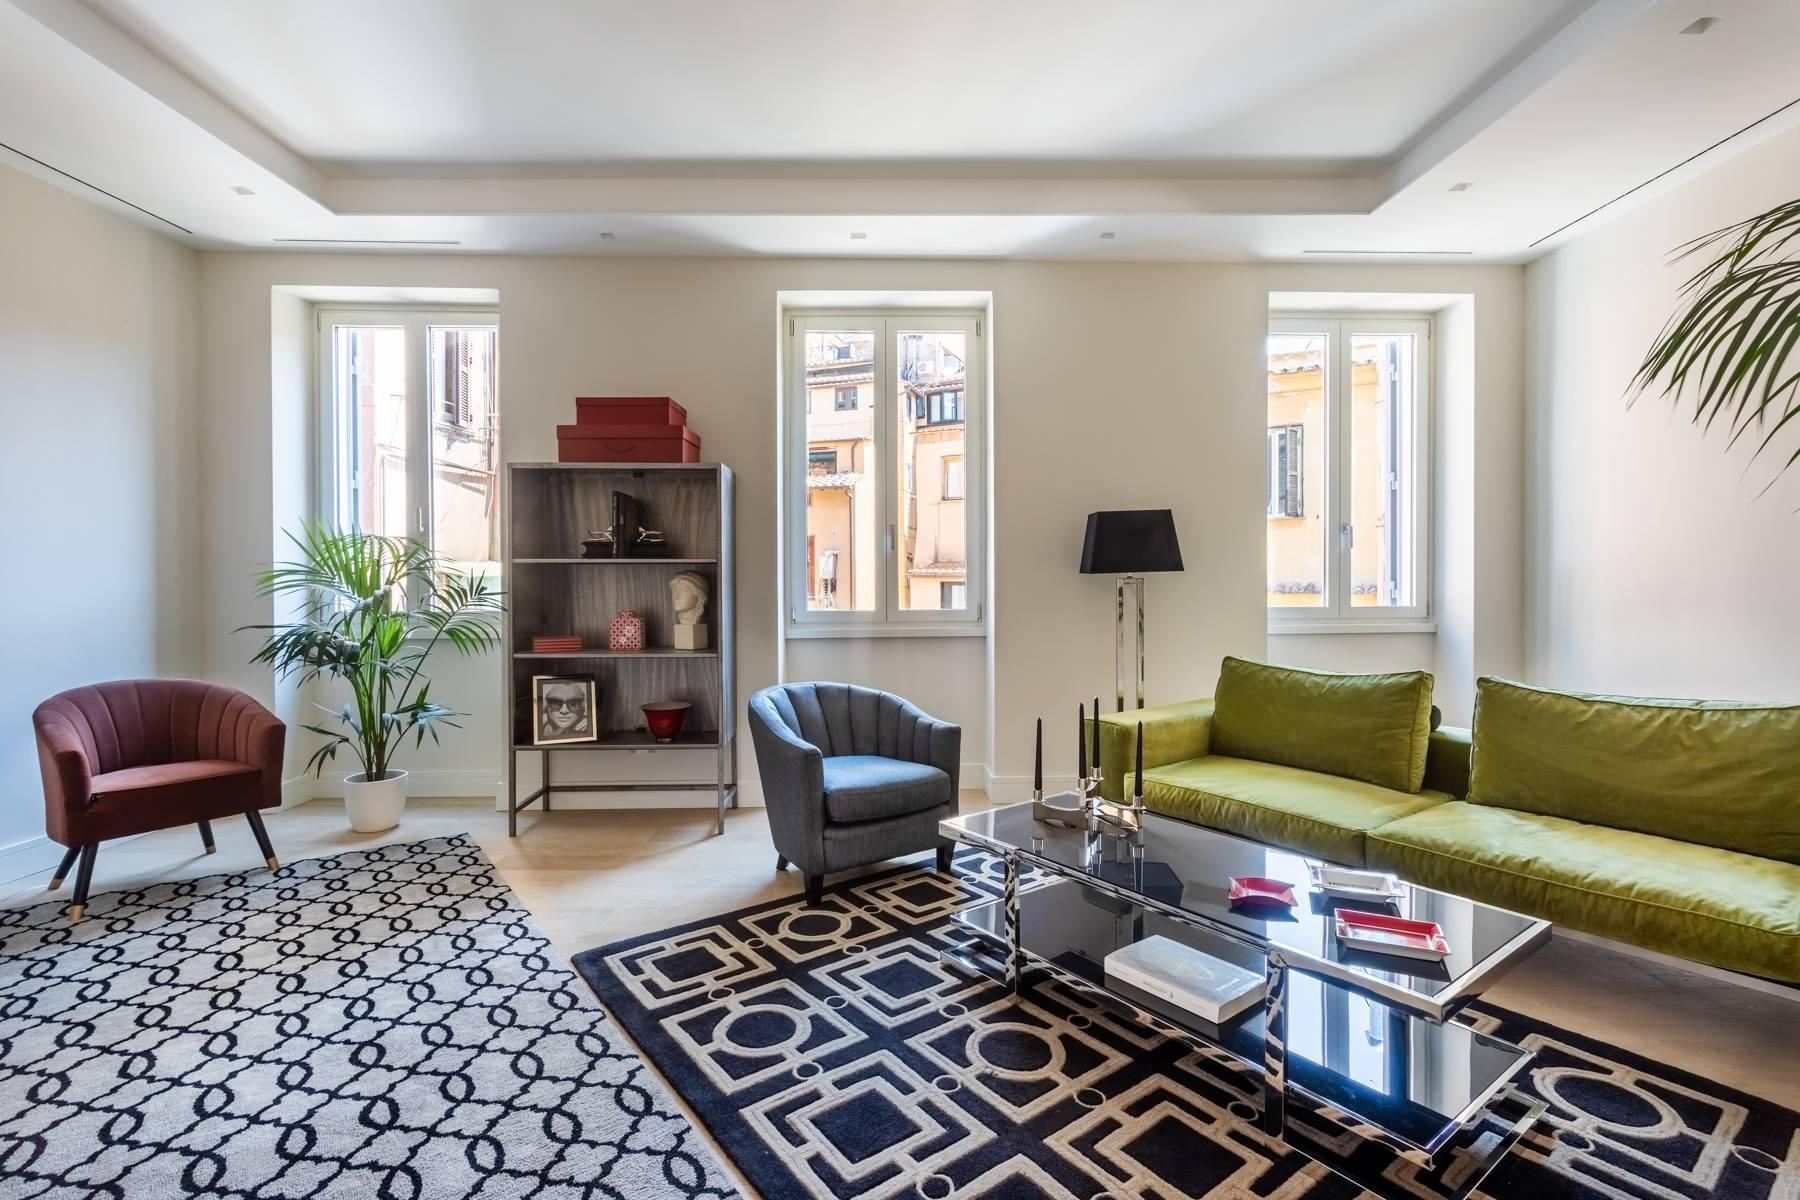 Nuovo condominio di lusso nei pressi di Piazza di Spagna - 2